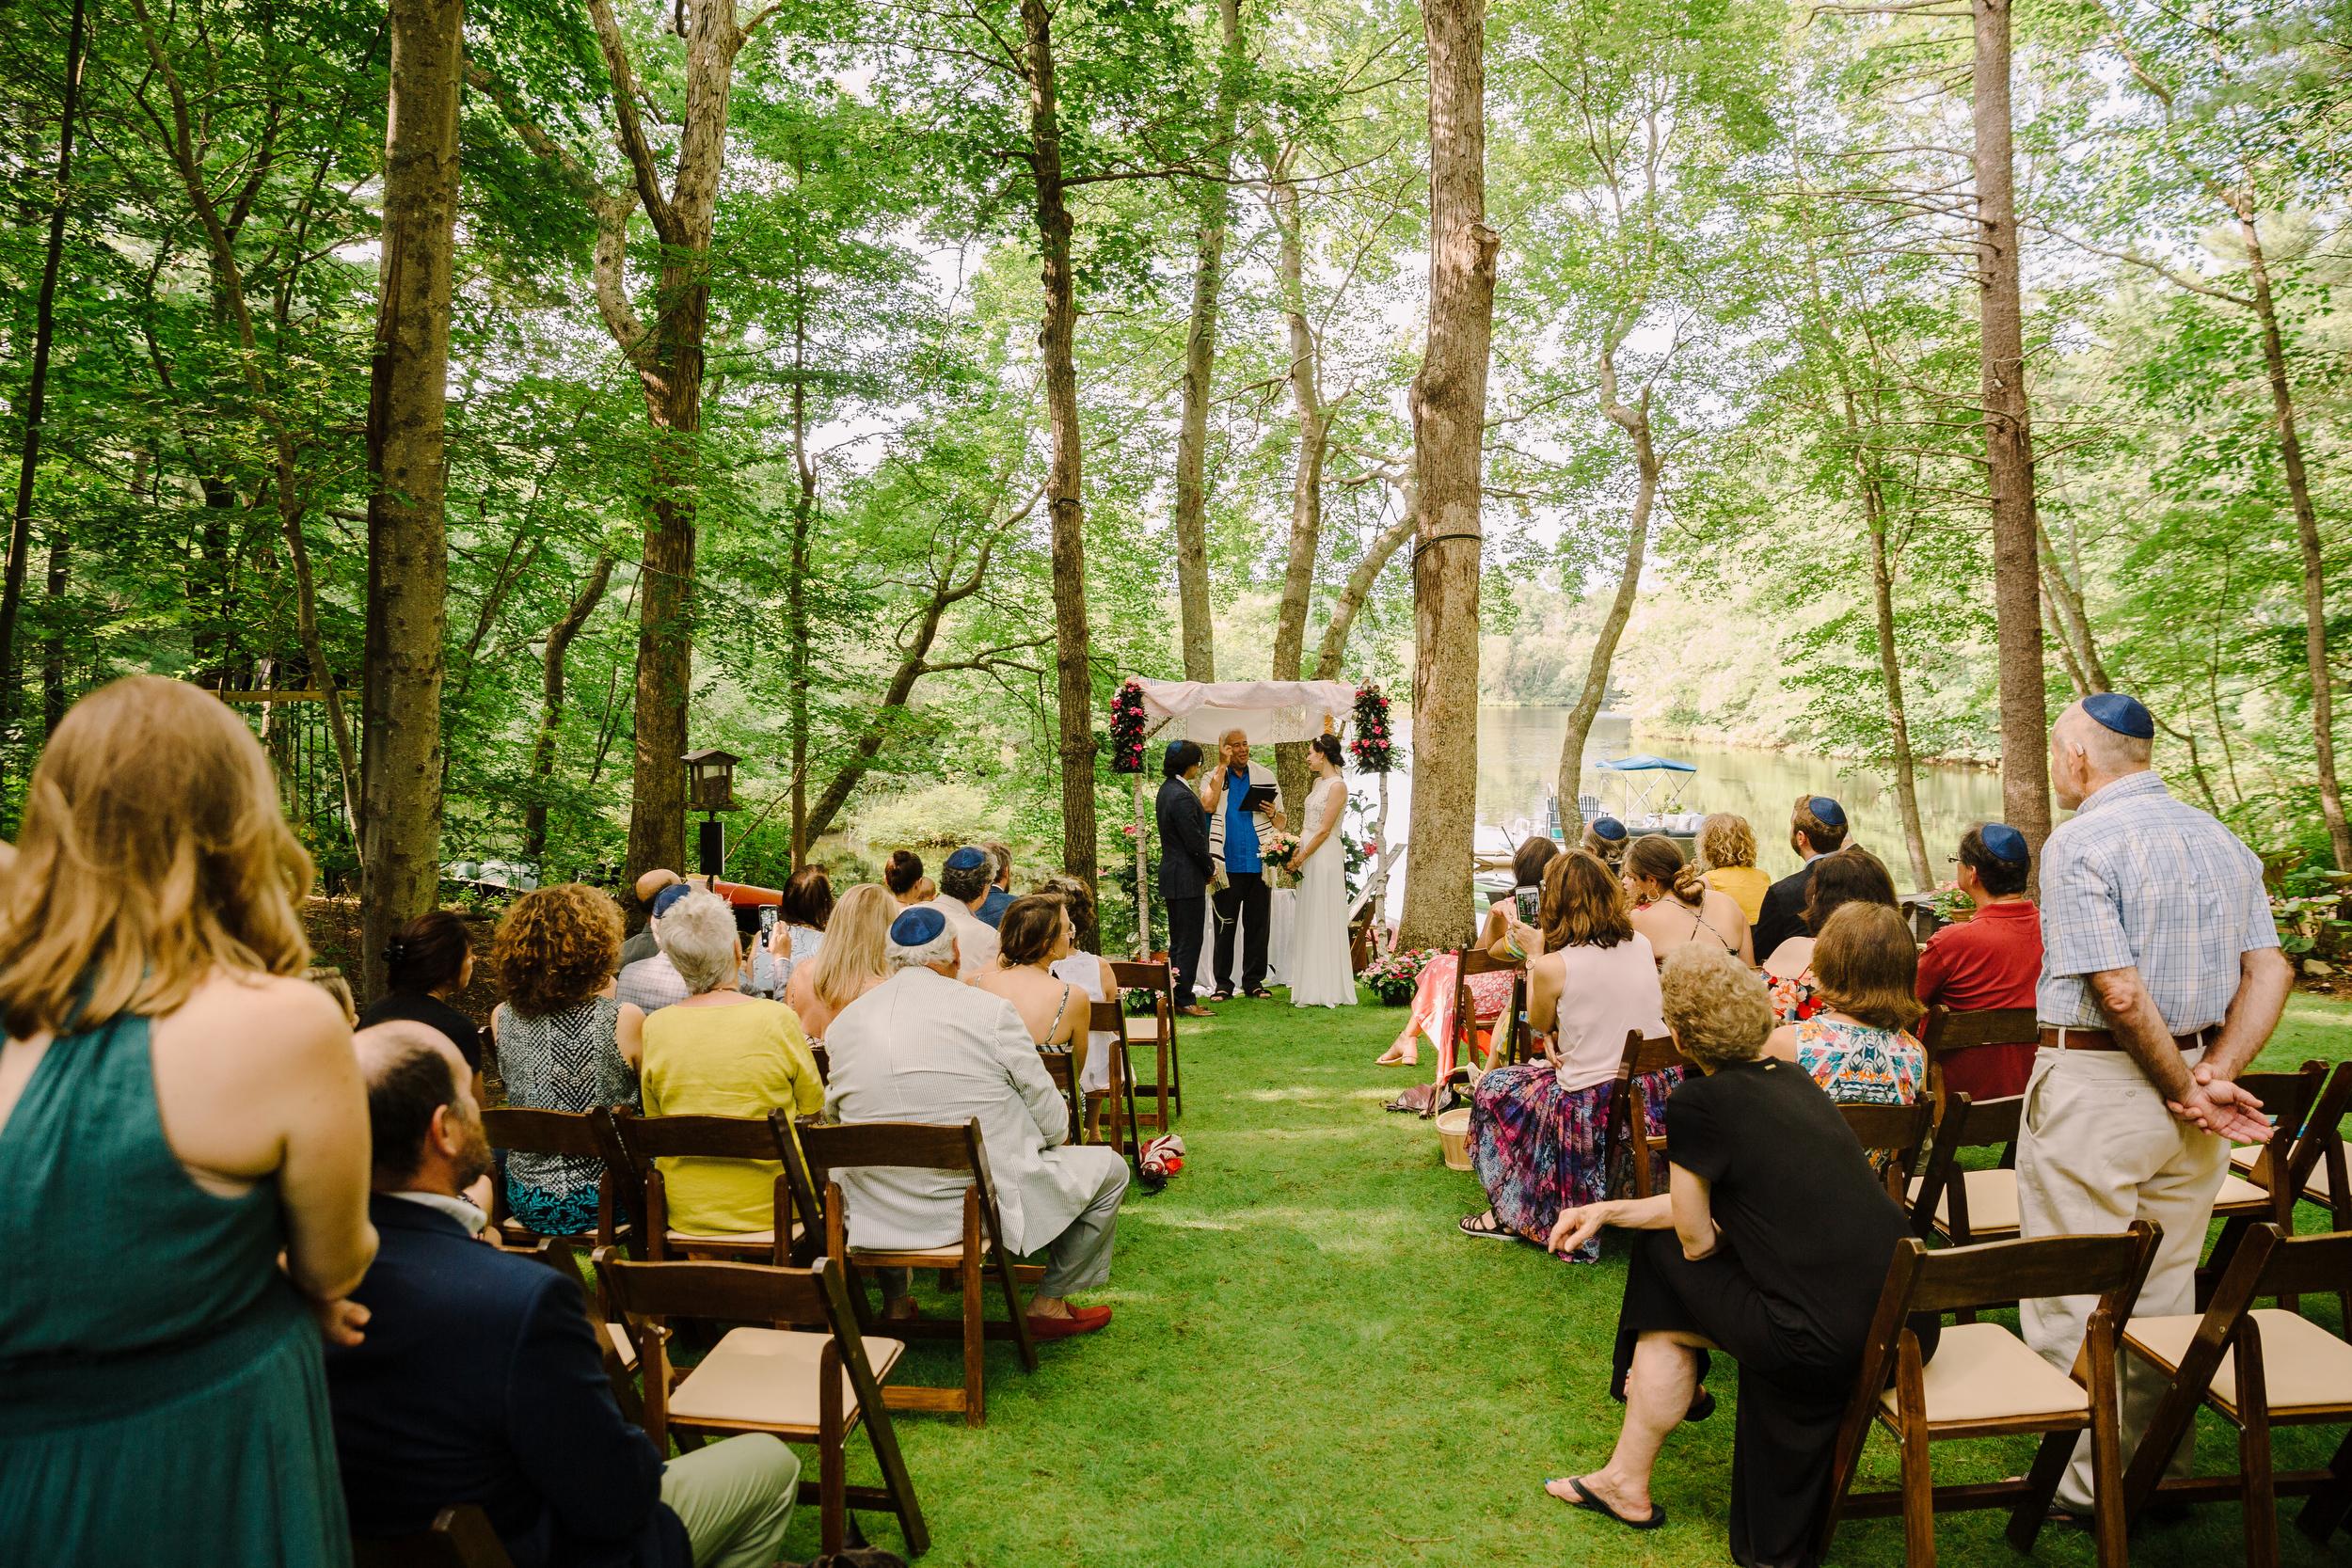 capecod_backyard_wedding_photos_mikhail_21.JPG